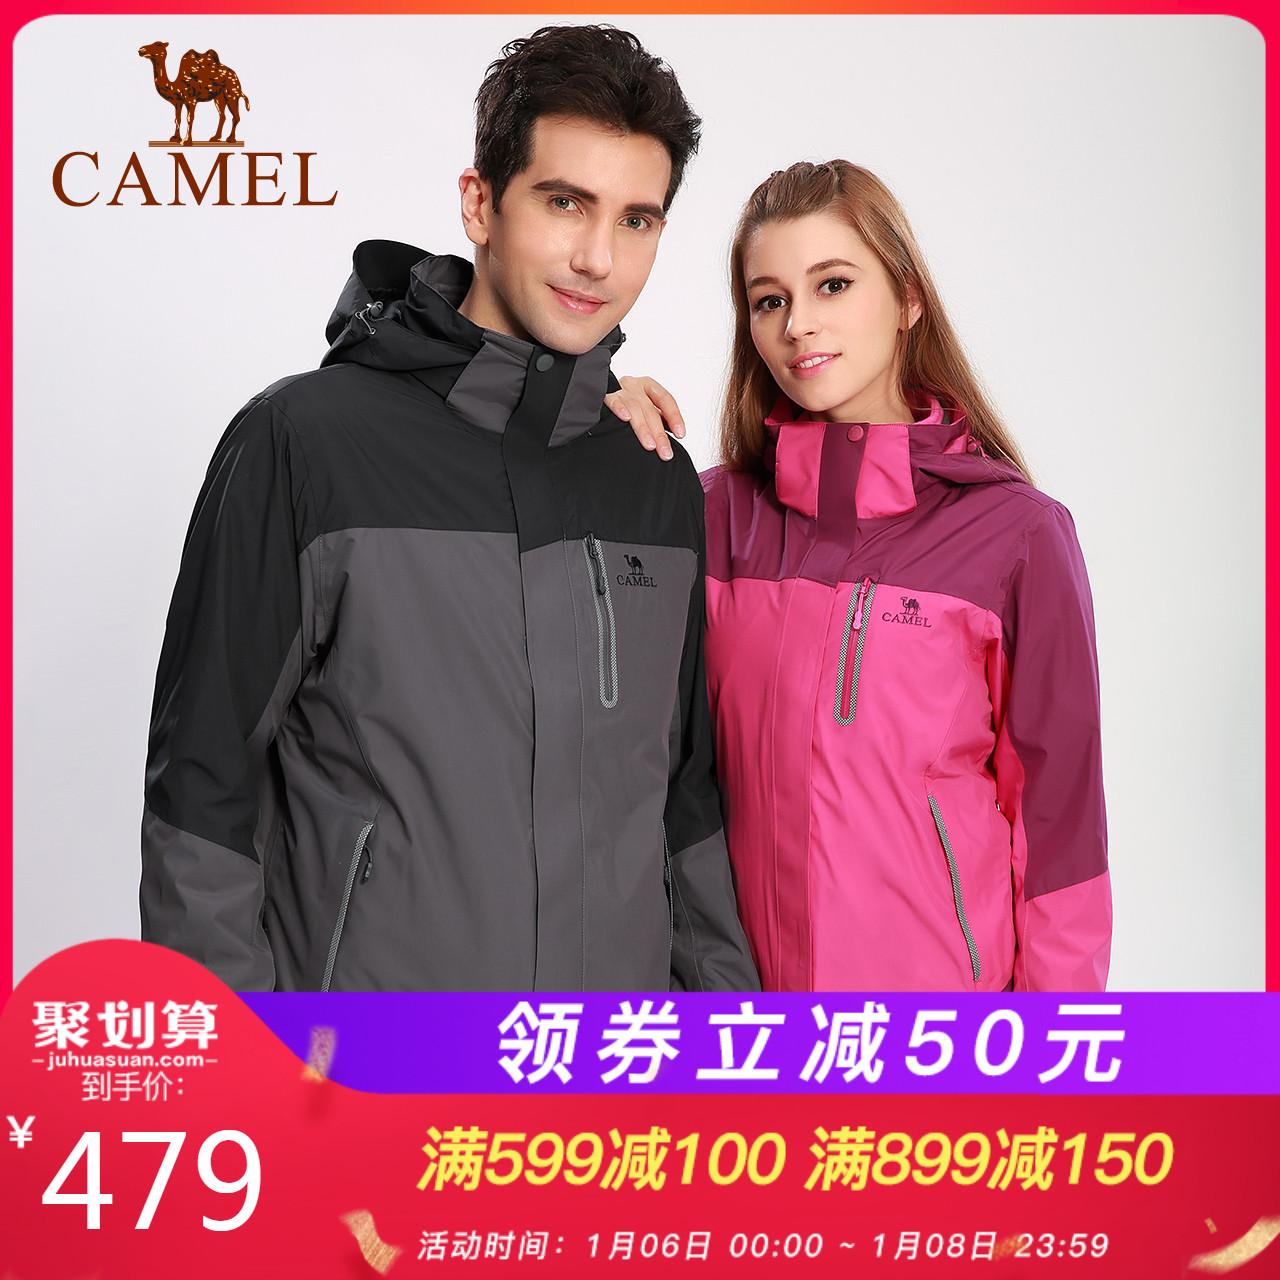 【东丽面料】骆驼户外冲锋衣男女 加绒加厚防风防水三合一两件套